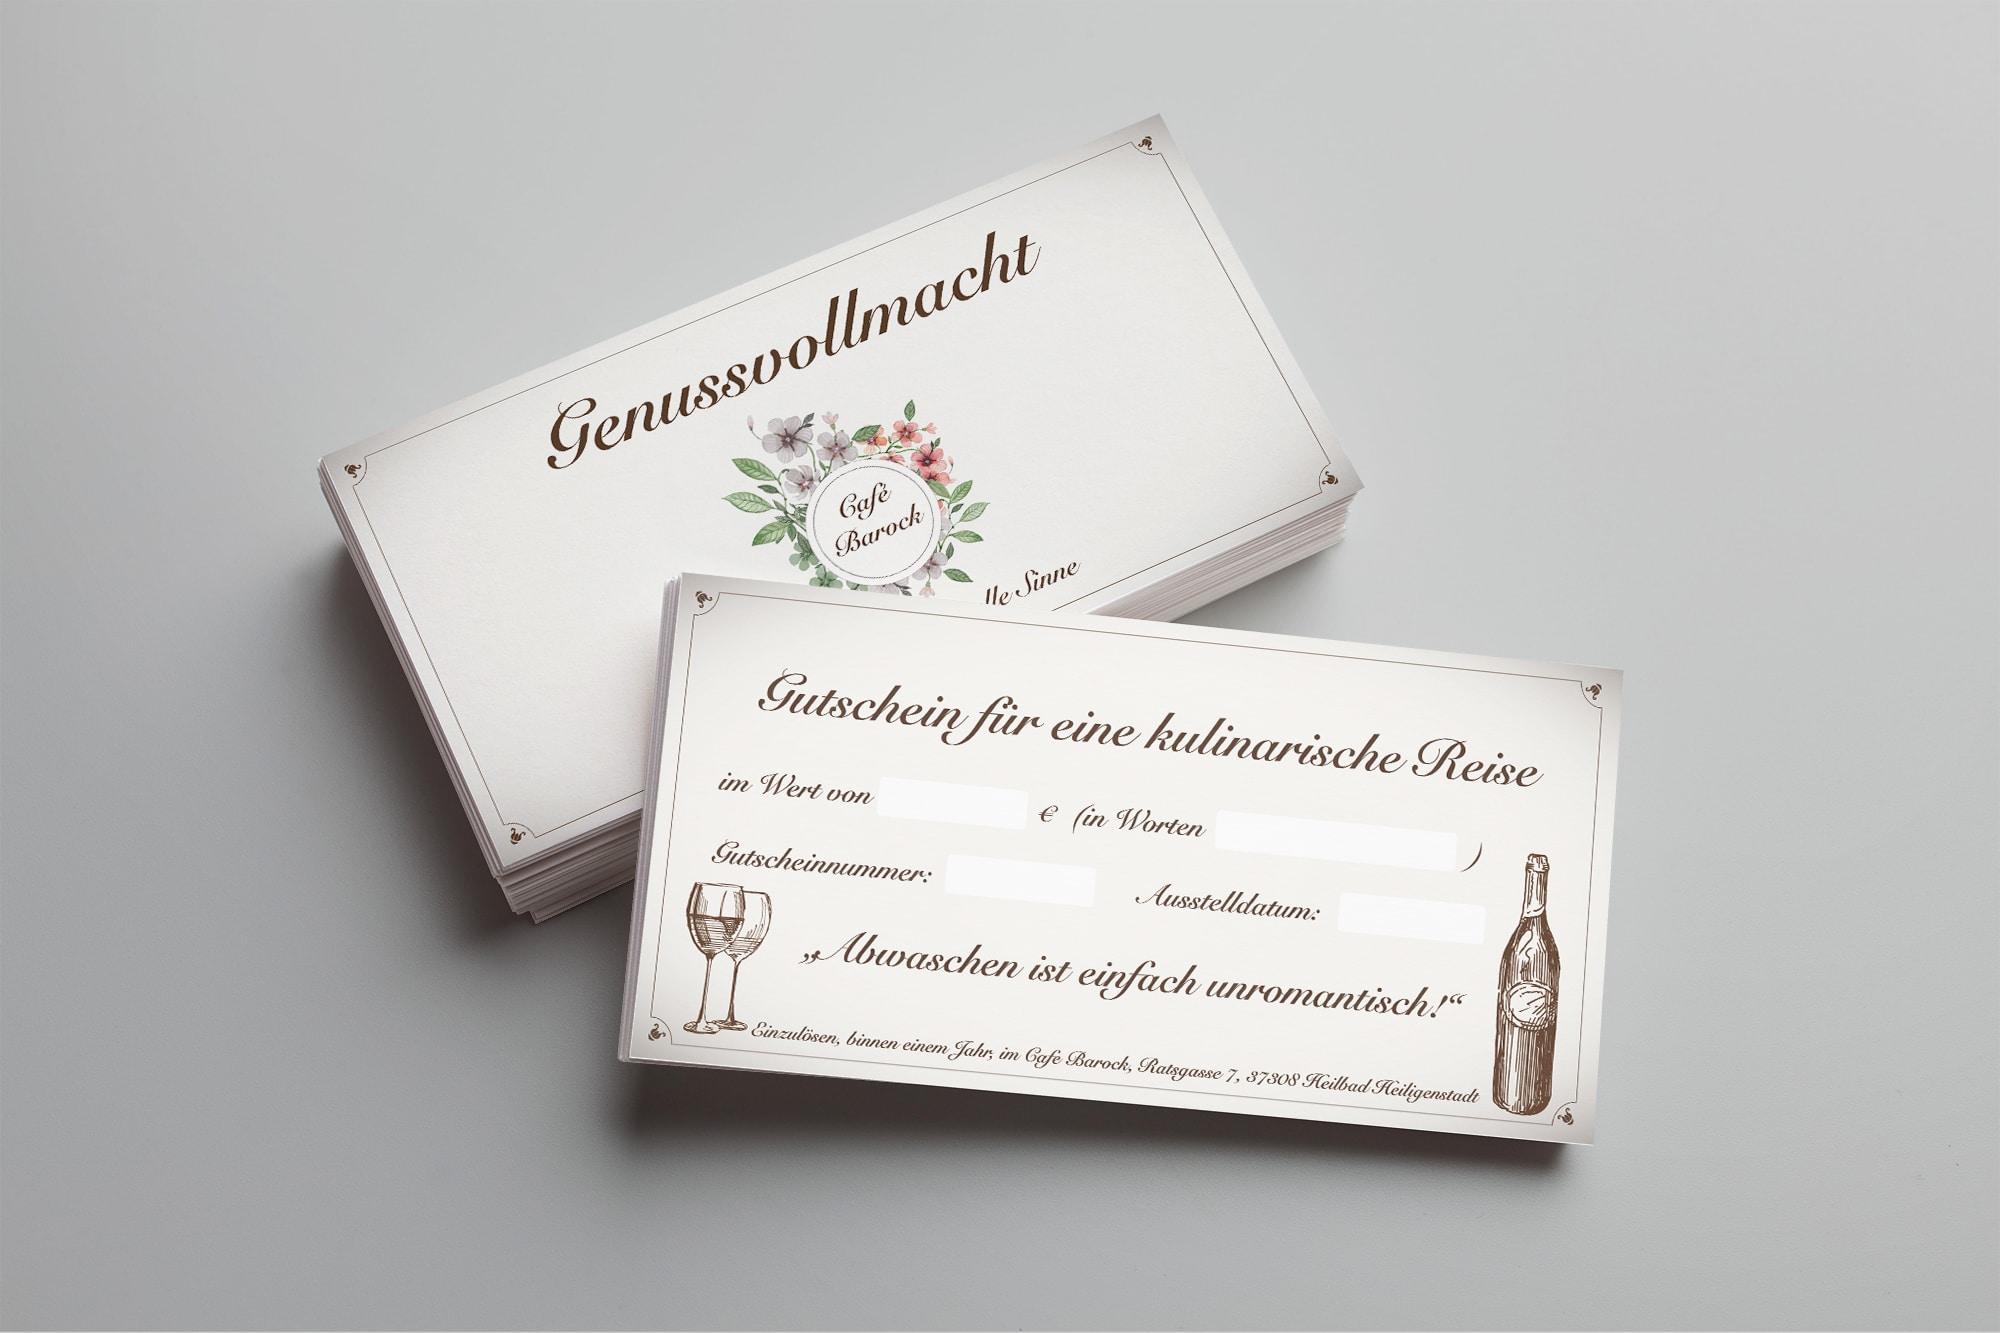 Genussticket MockUpCorporate Design Visitenkarte Speisekarte Gutschein